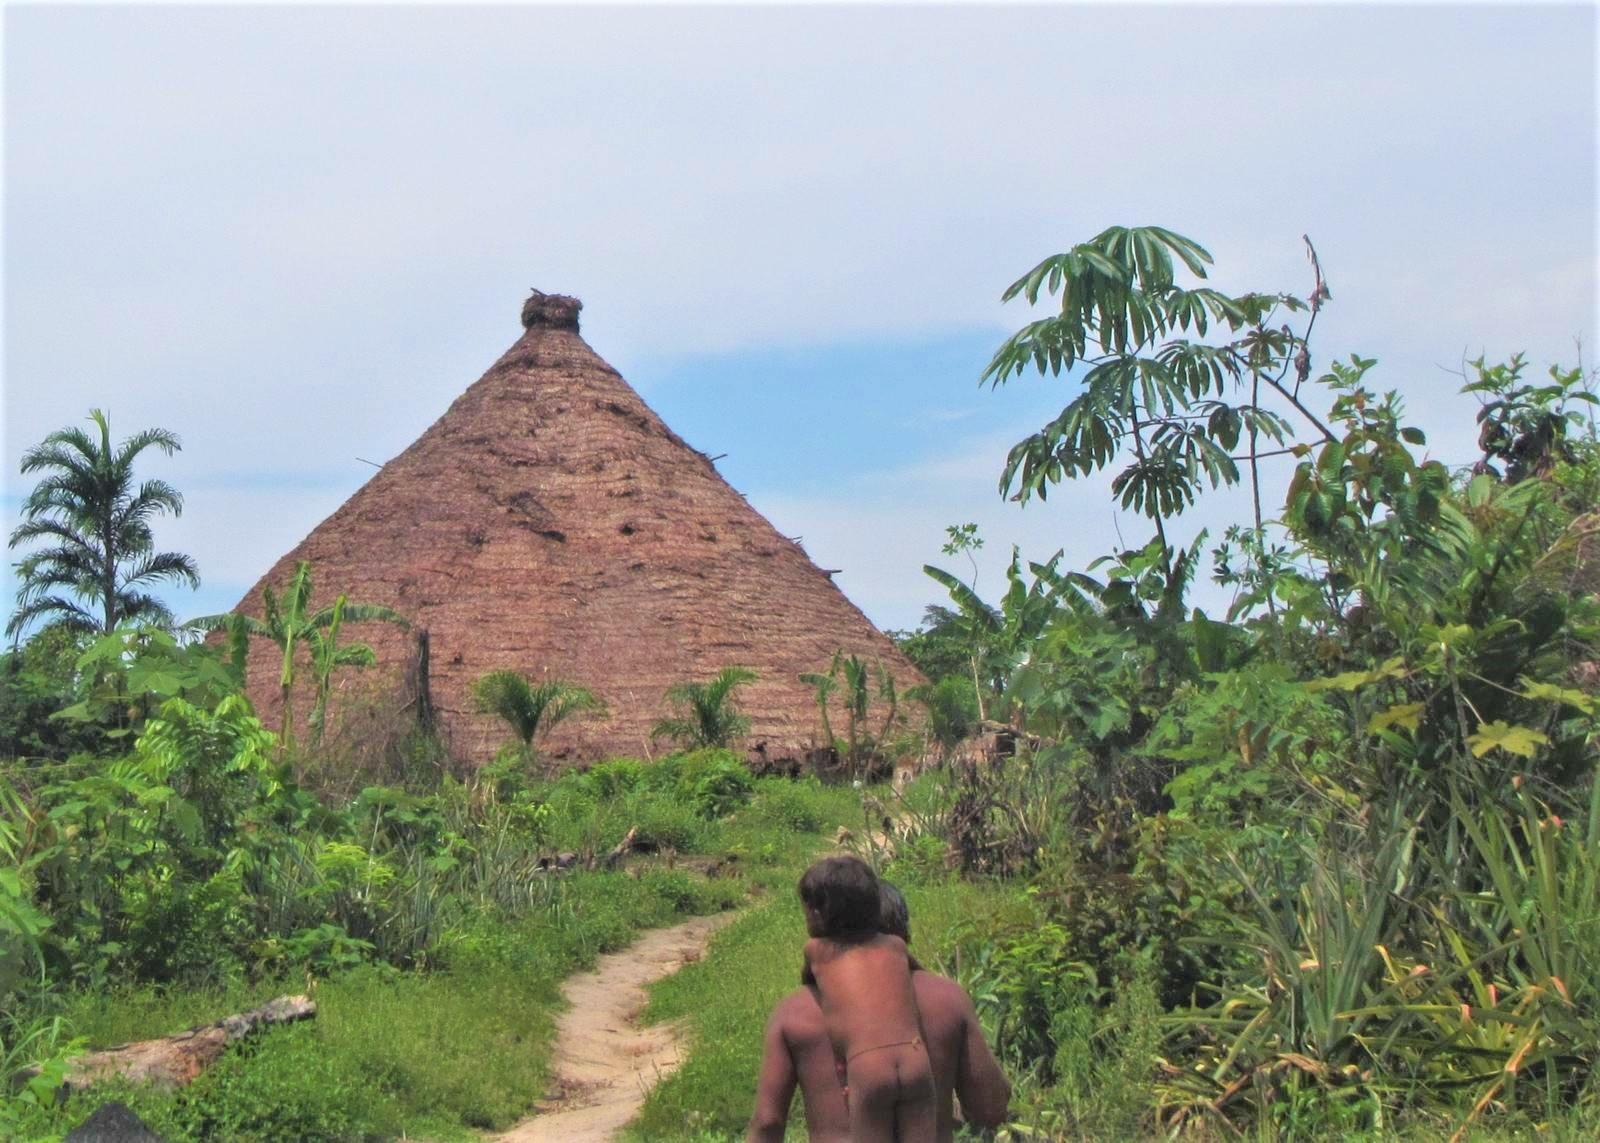 A terra indígena onde vivem os Suruwahá, no sul do Amazonas, é um dos alvo das investidas de missionários evangélicos (Daniel Cangussu-FPE Madeira Purus/Funai)